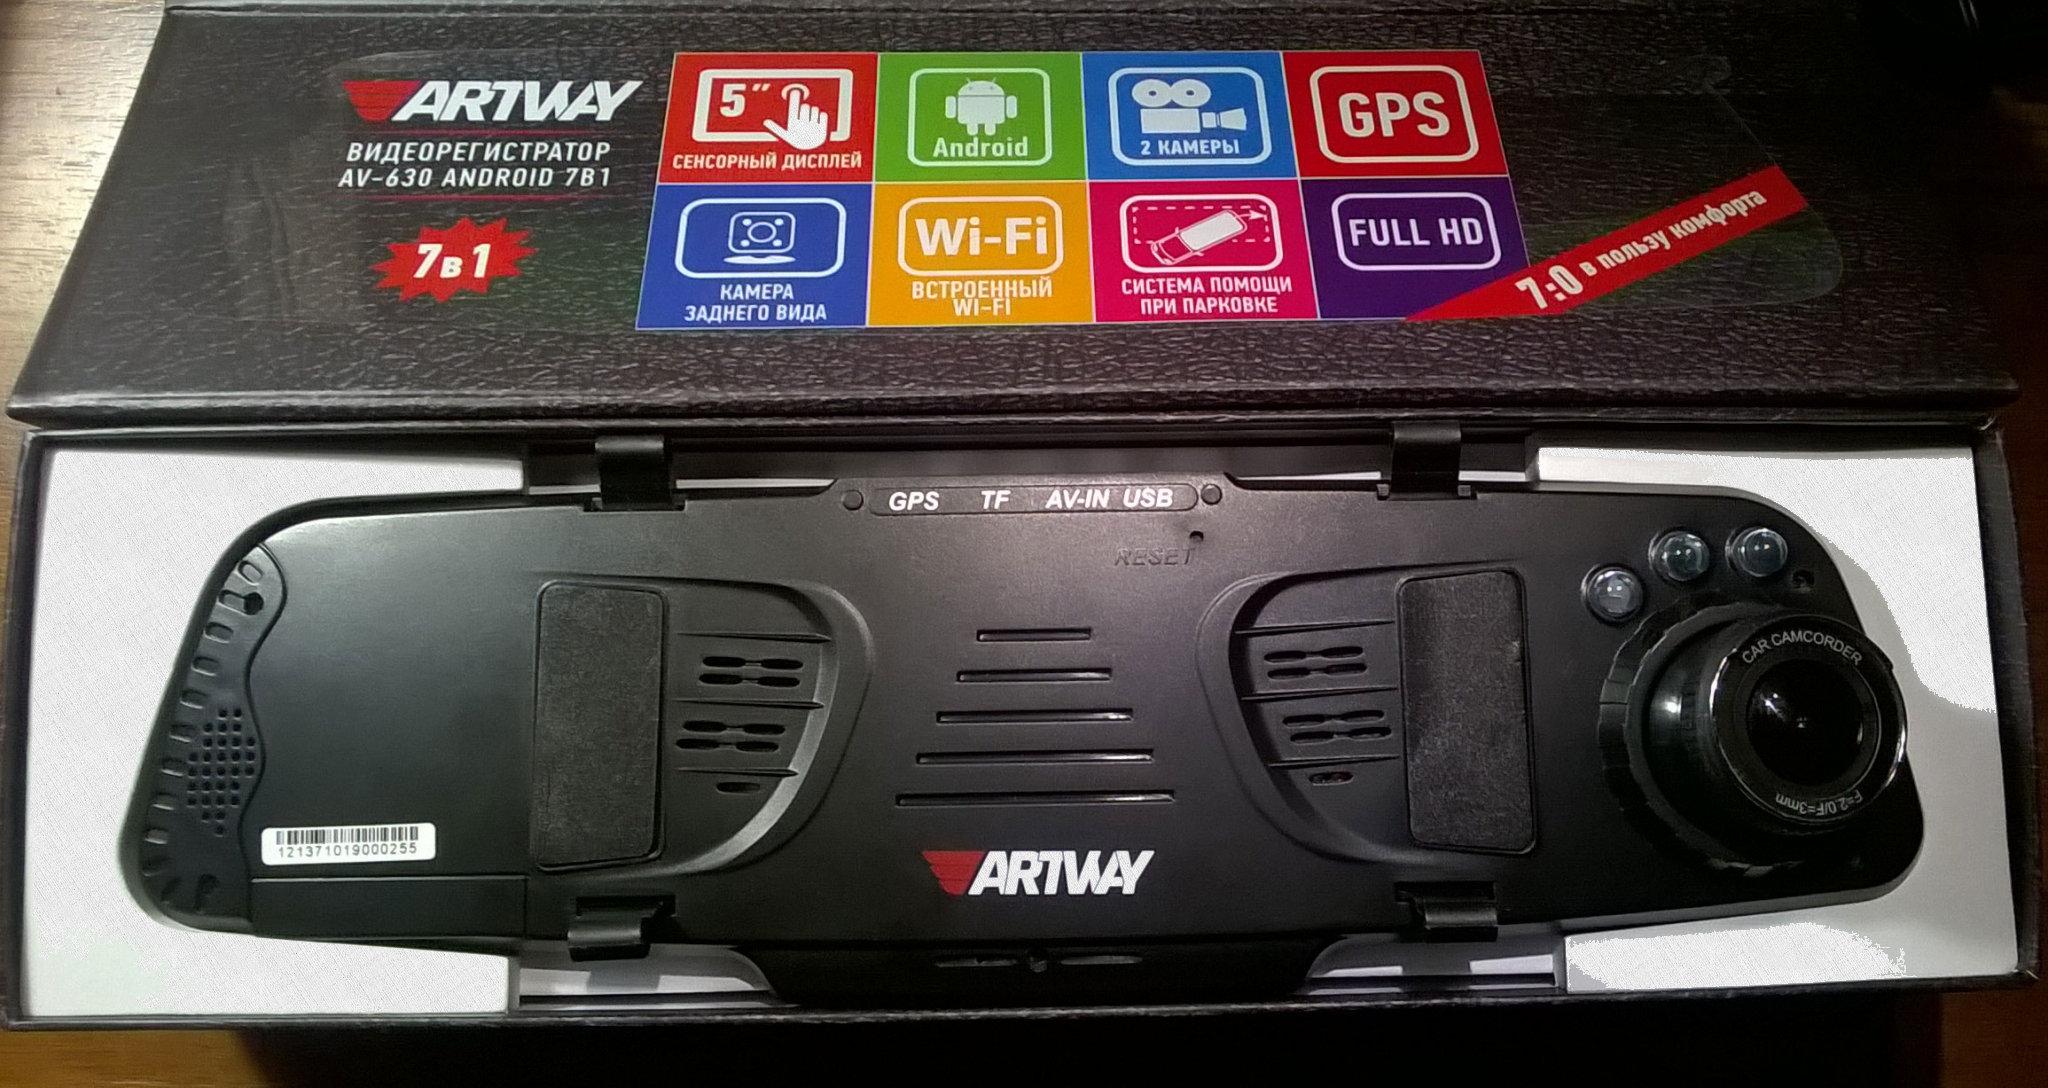 Artway AV-630